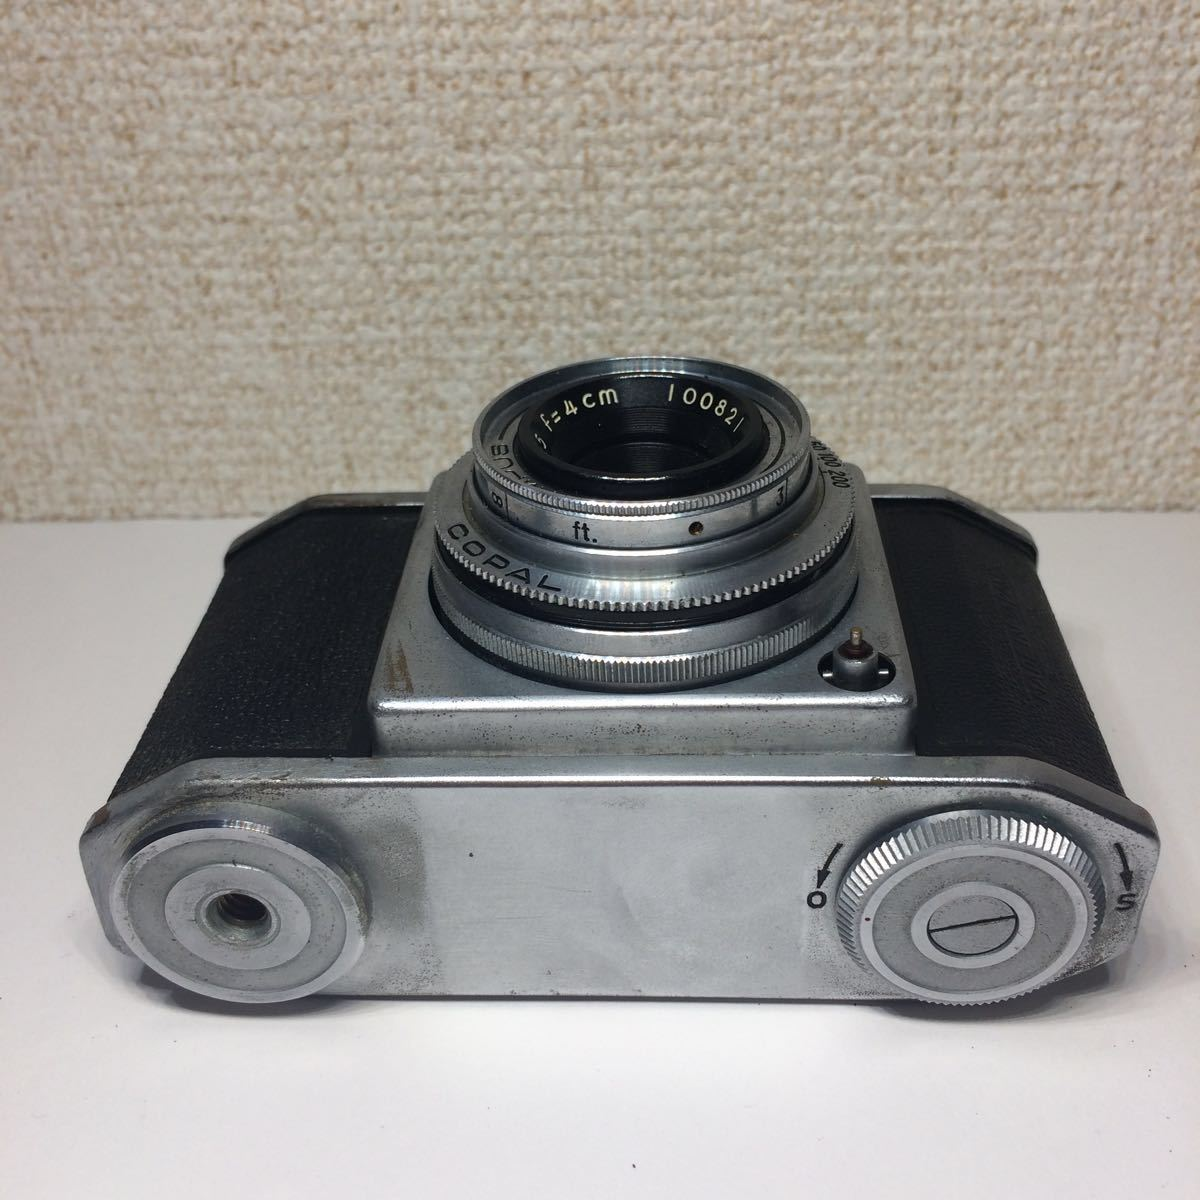 オリンパス OLYMPUS 35 コパル COPAL レンズ Zuiko F.C. 1:3.5 f=4cm ケース付 860681 mn0408_画像5